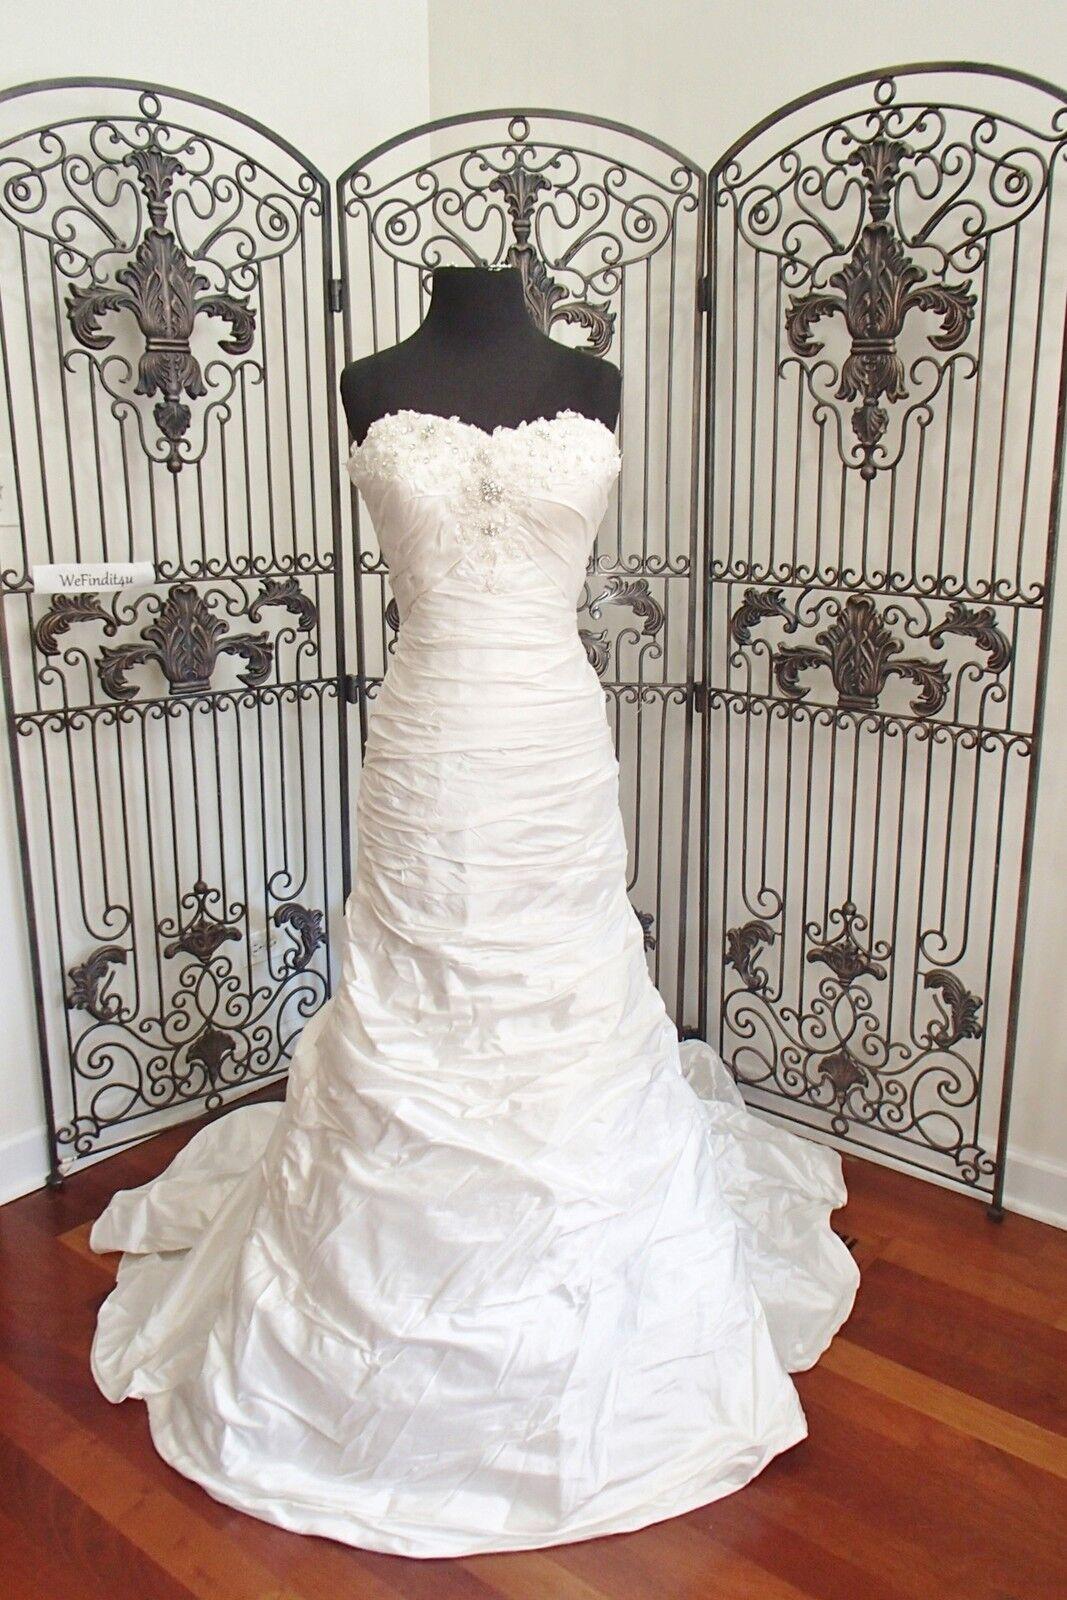 447 Justin Alexander 4515 4515 4515 Natürlich Sz 12 Brautkleid Kleid   Bekannt für seine gute Qualität    Stilvoll und lustig    Online Shop  d3ea18